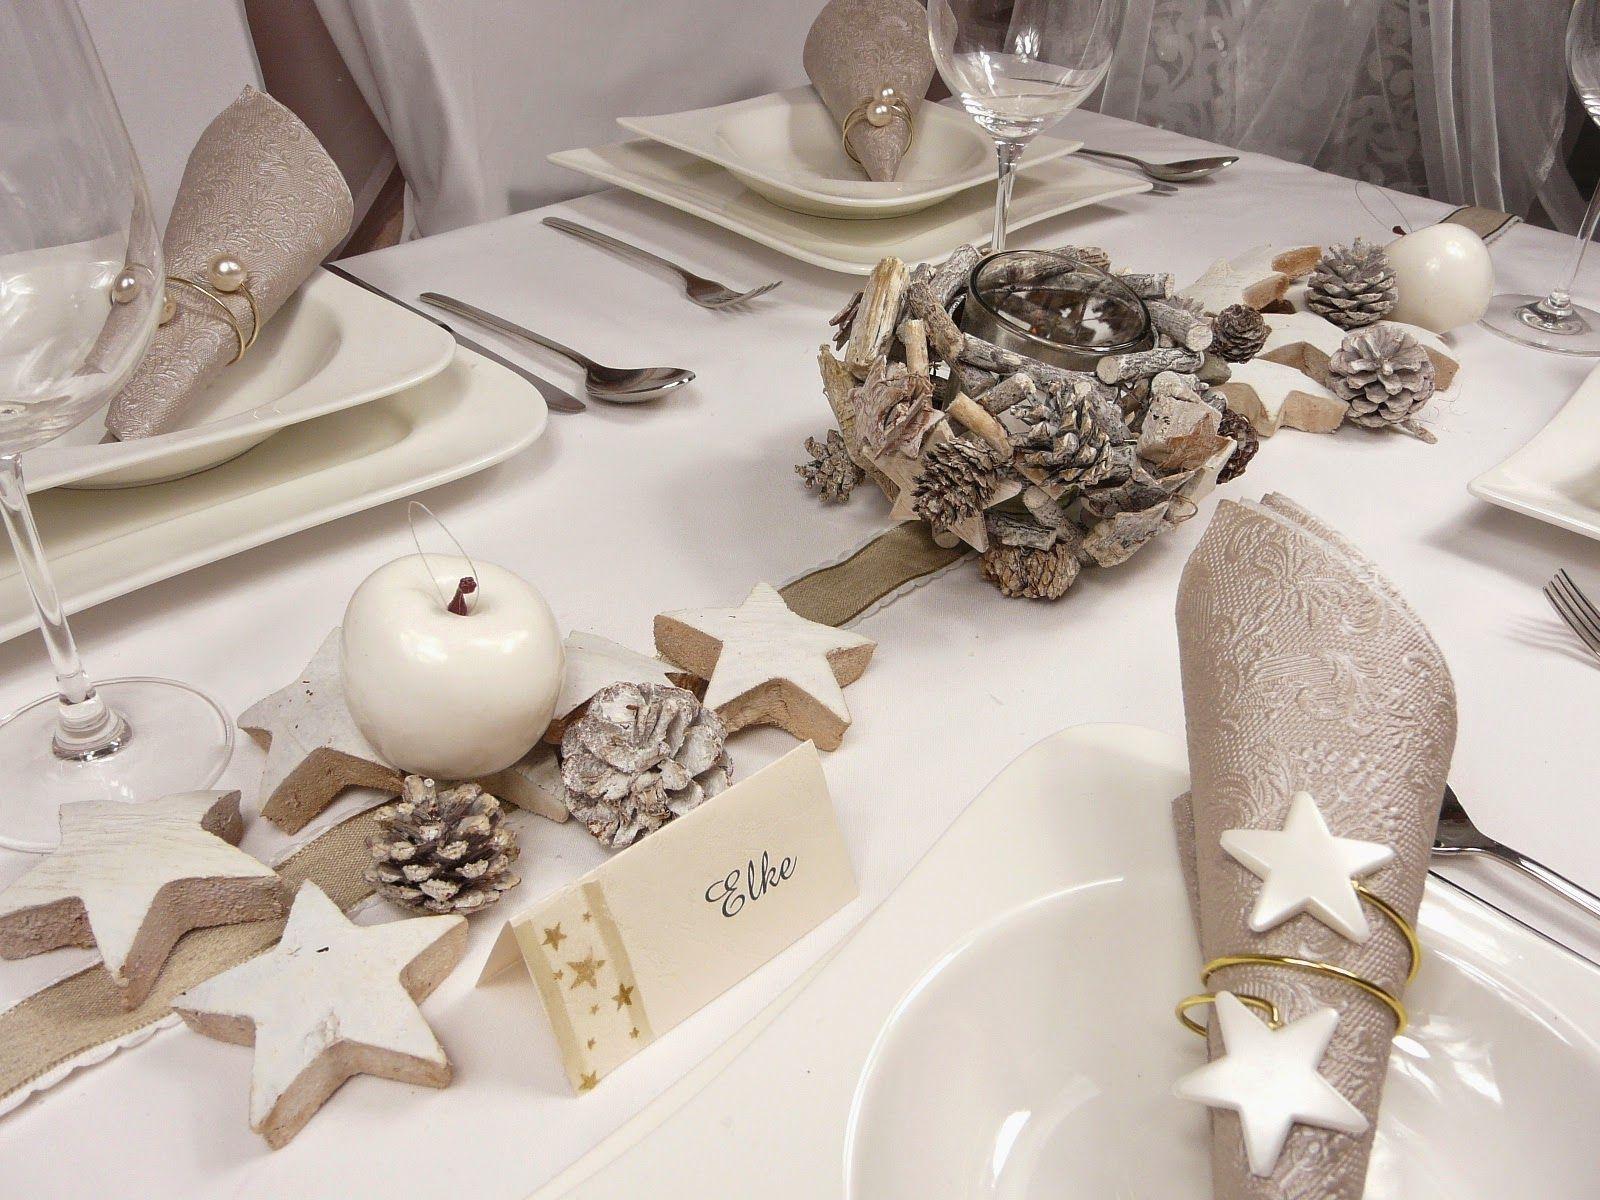 Tischdeko weihnachten natur  tischdeko weihnachtsfeier - Google-Suche | Tischdeko | Pinterest ...